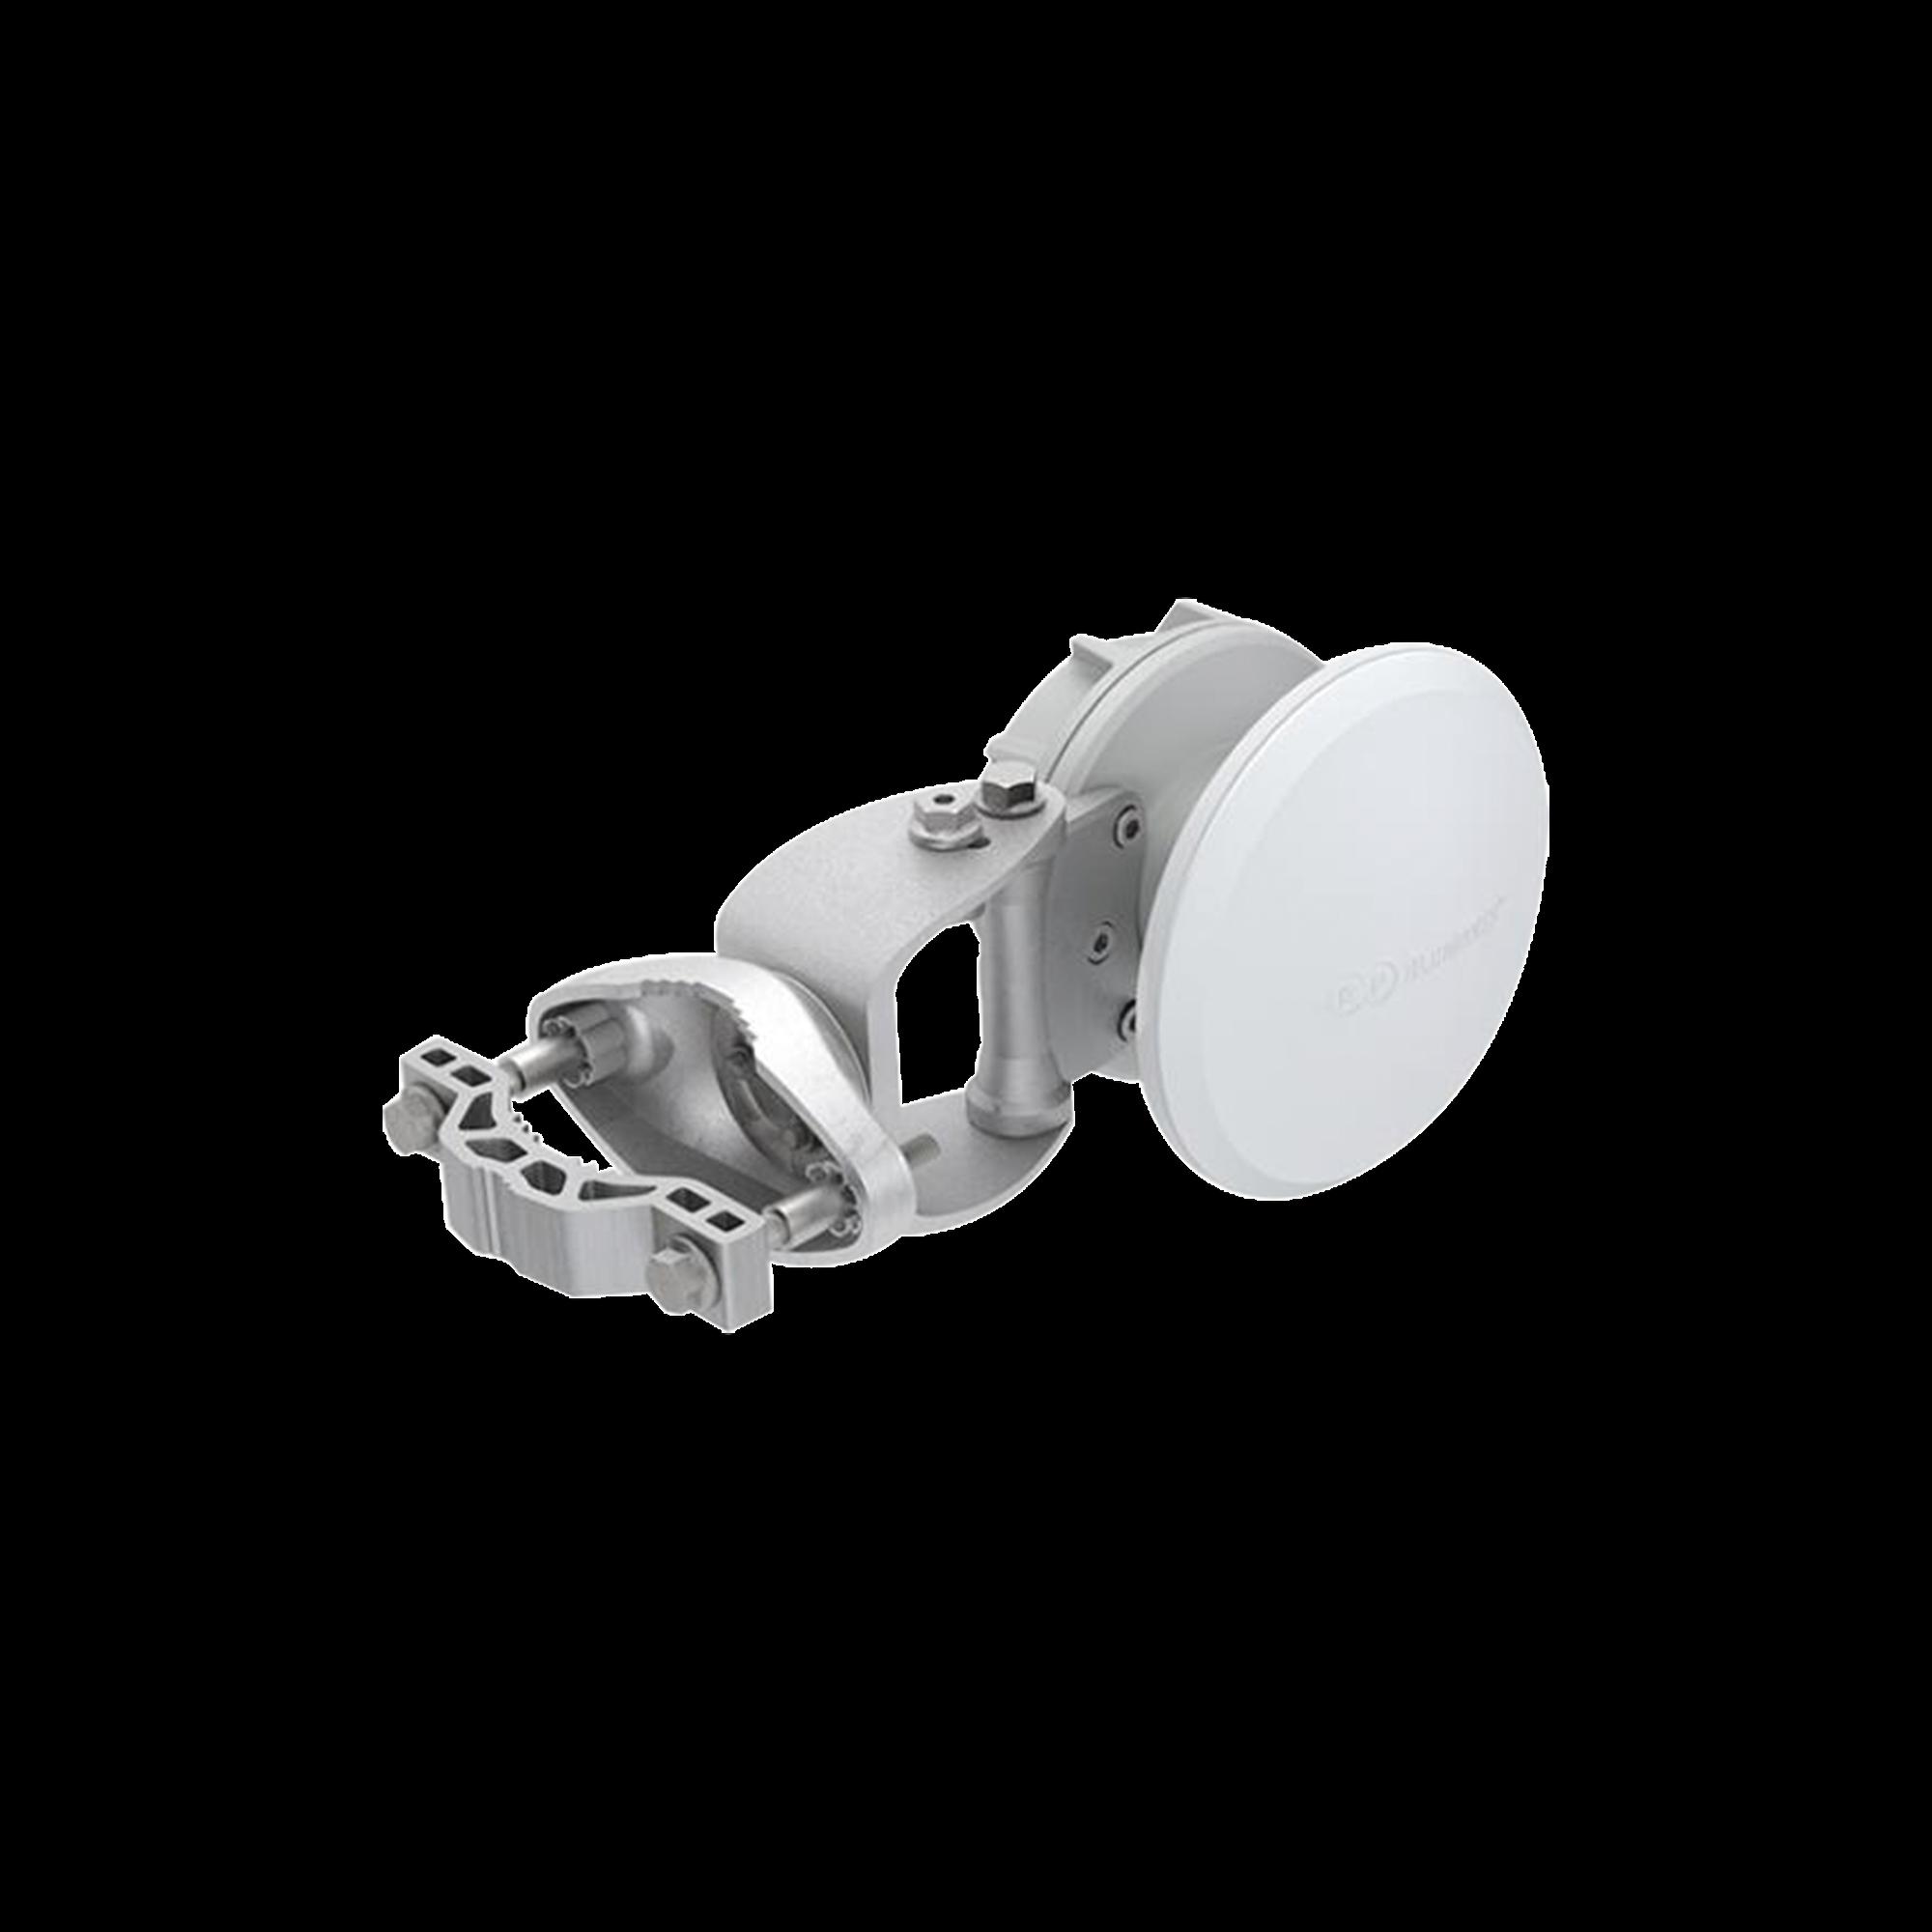 Antena Sectorial Simétrica GEN2 de 70? 5180-6400 MHz, 11.5 dBi con soporte mejorado, listas para TwisPort sin perdida